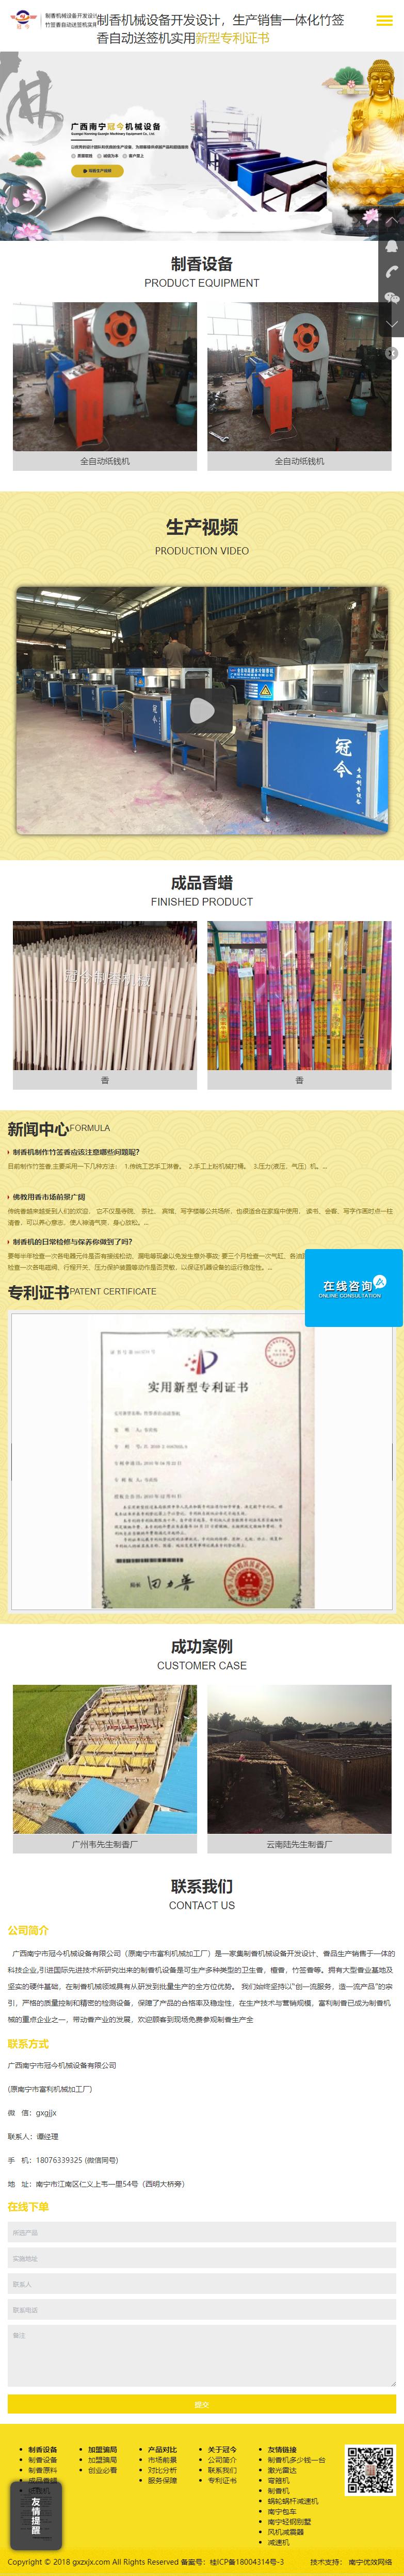 广西南宁市冠今机械设备有限公司网站案例